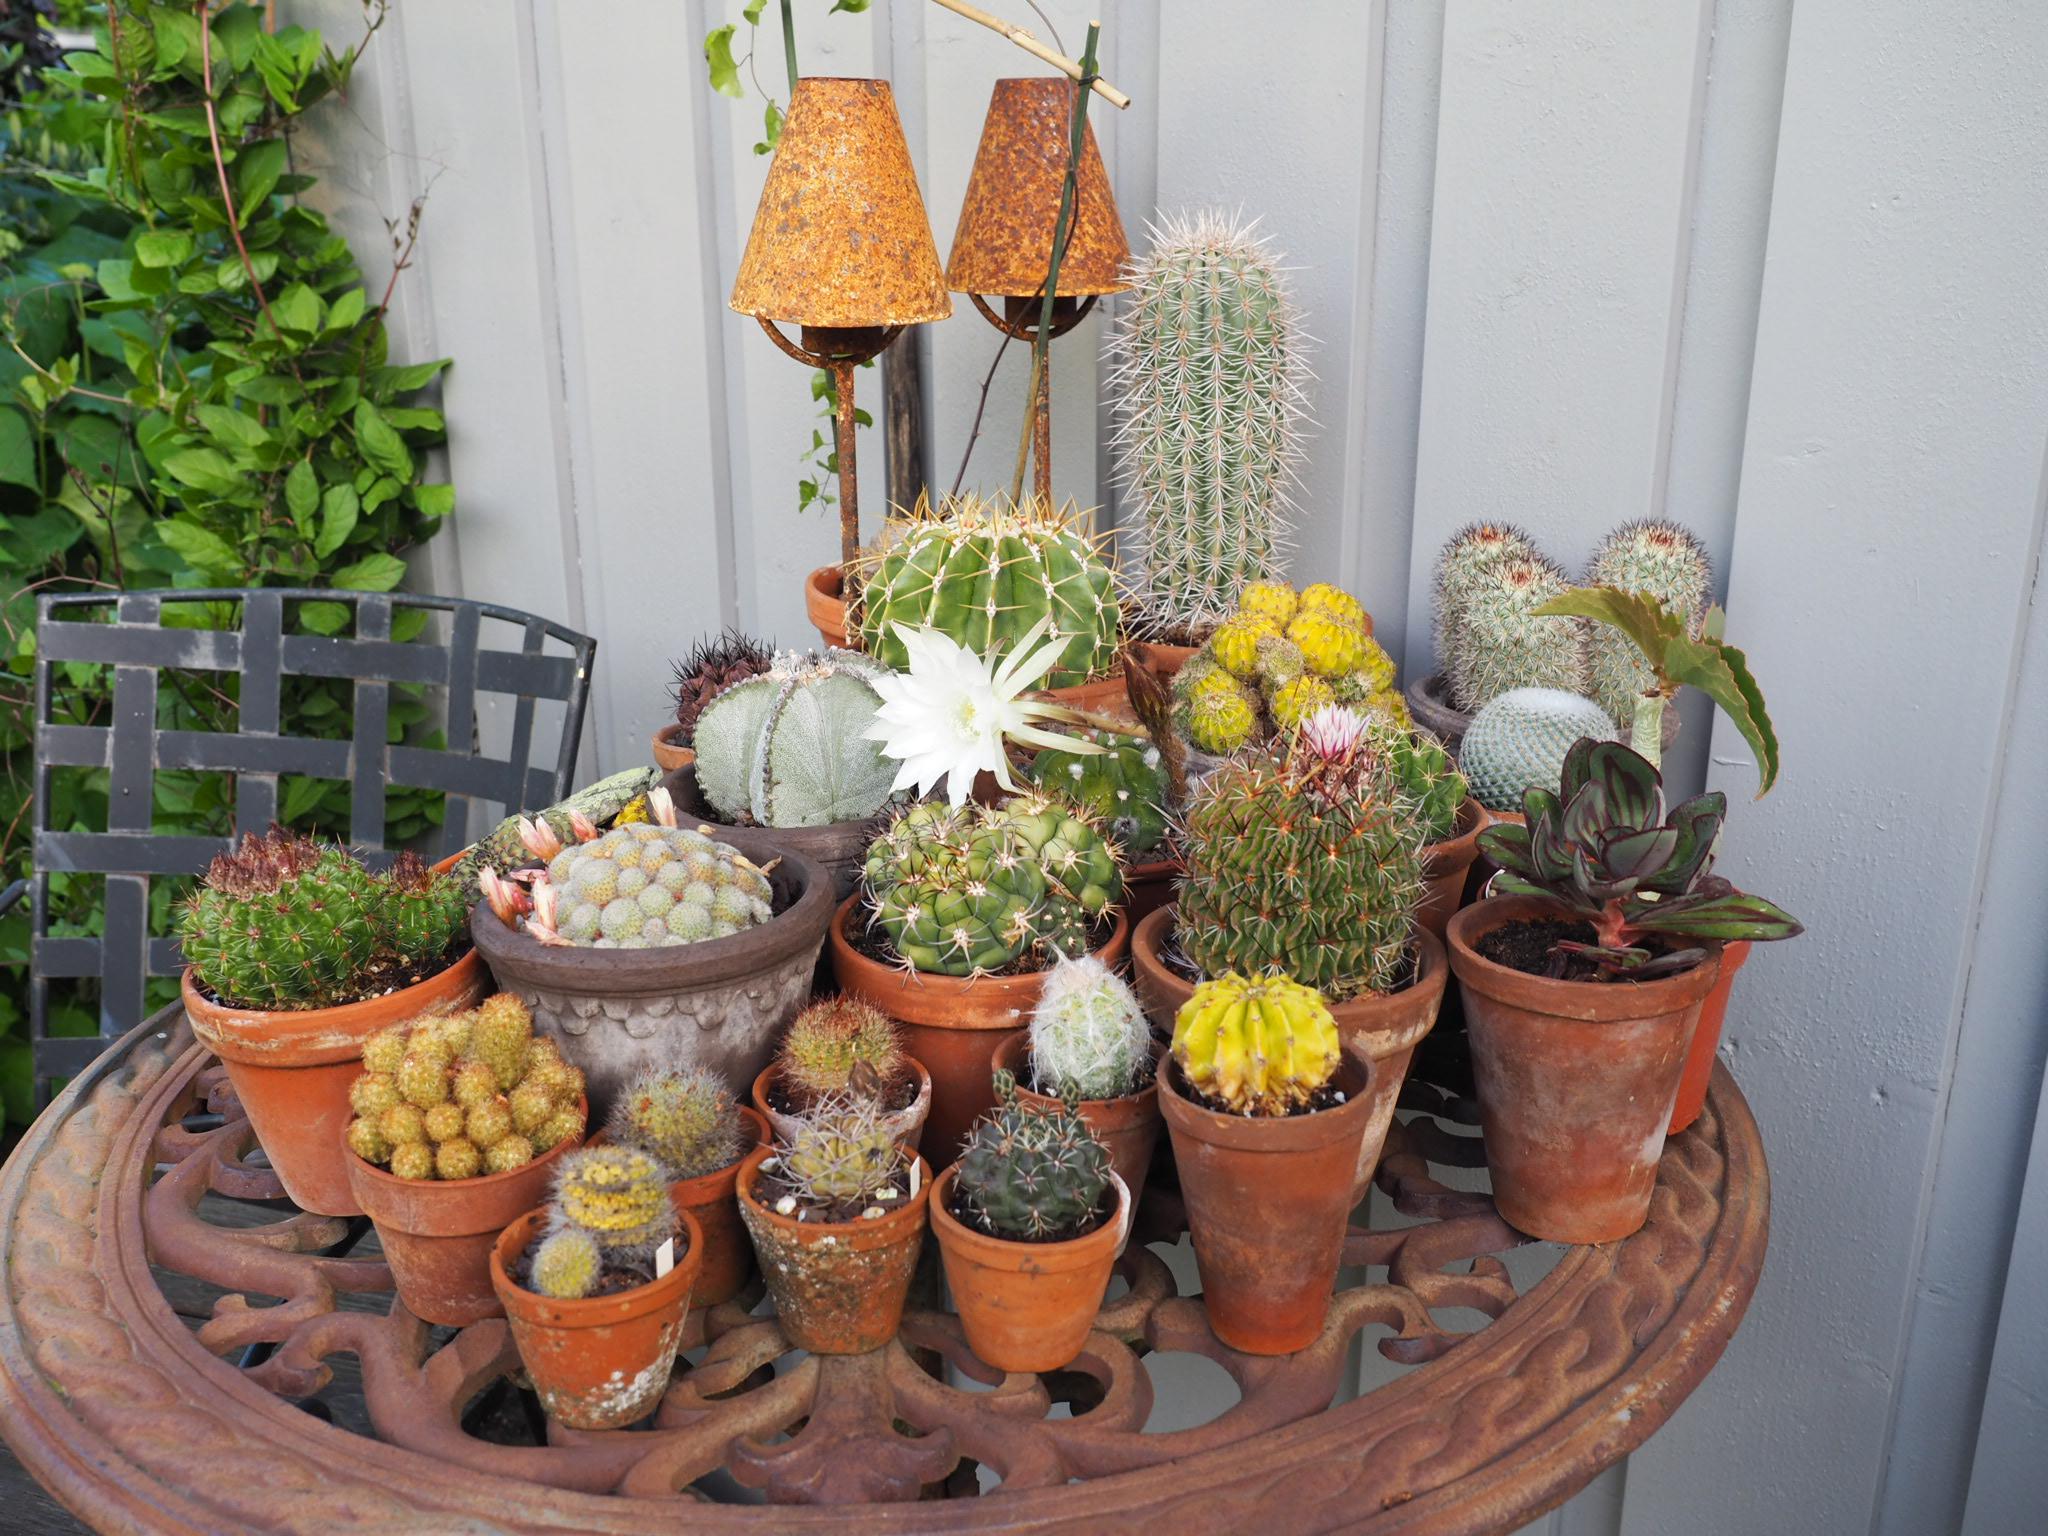 Litt stell av kaktus nå gir trygg overvintring.